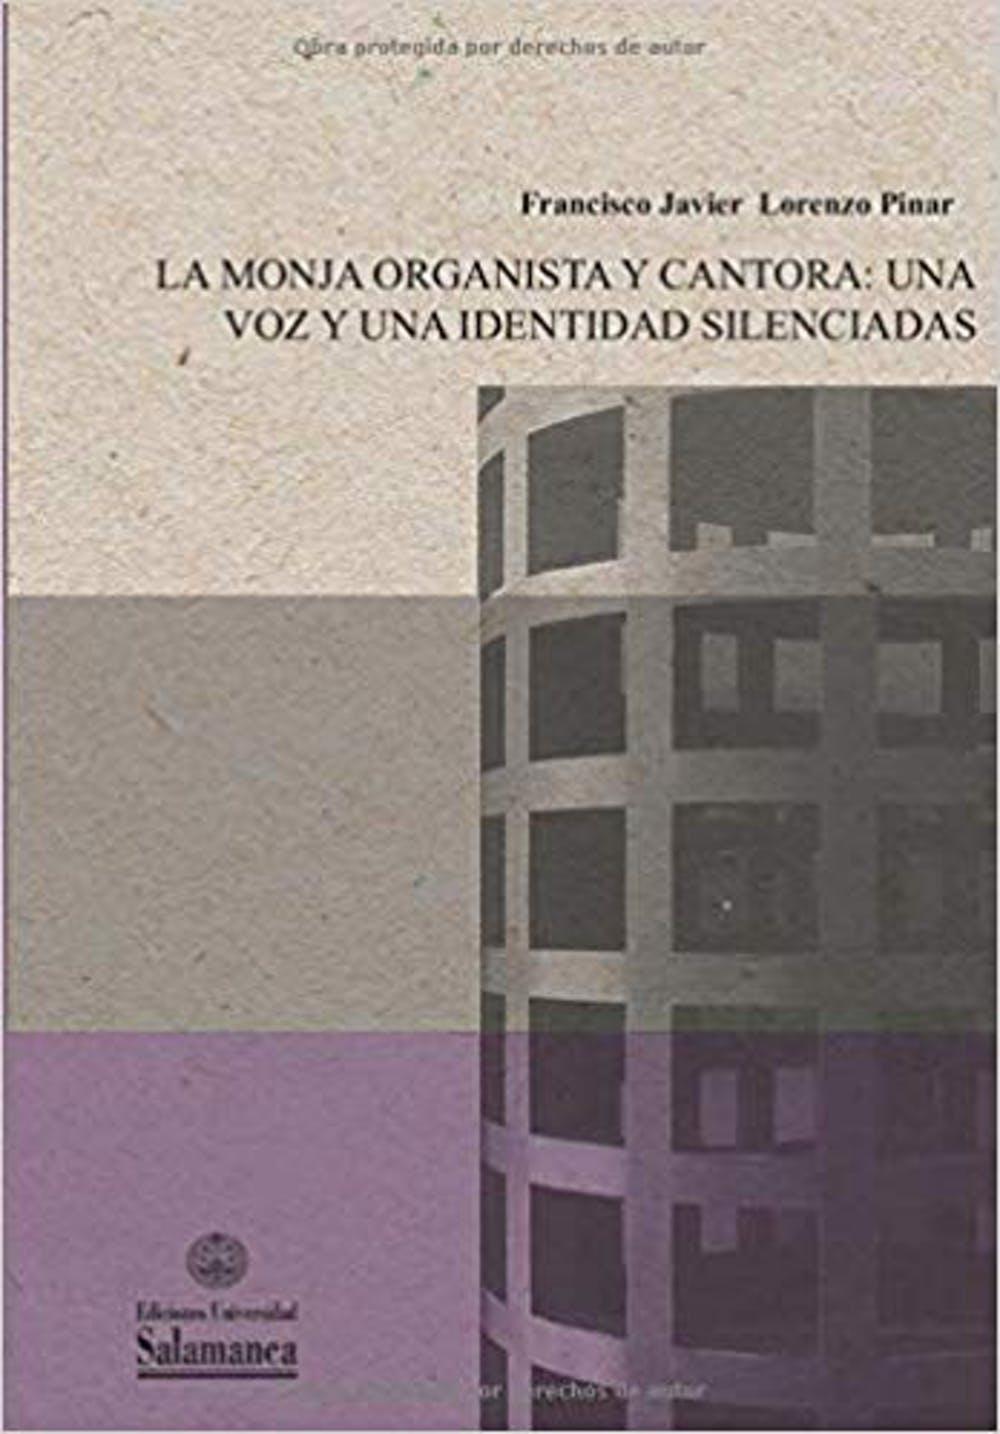 Portada del libro La monja organista y cantora: Una voz y una identidad silenciadas, escrita por el autor del artículo. Universidad de Salamanca